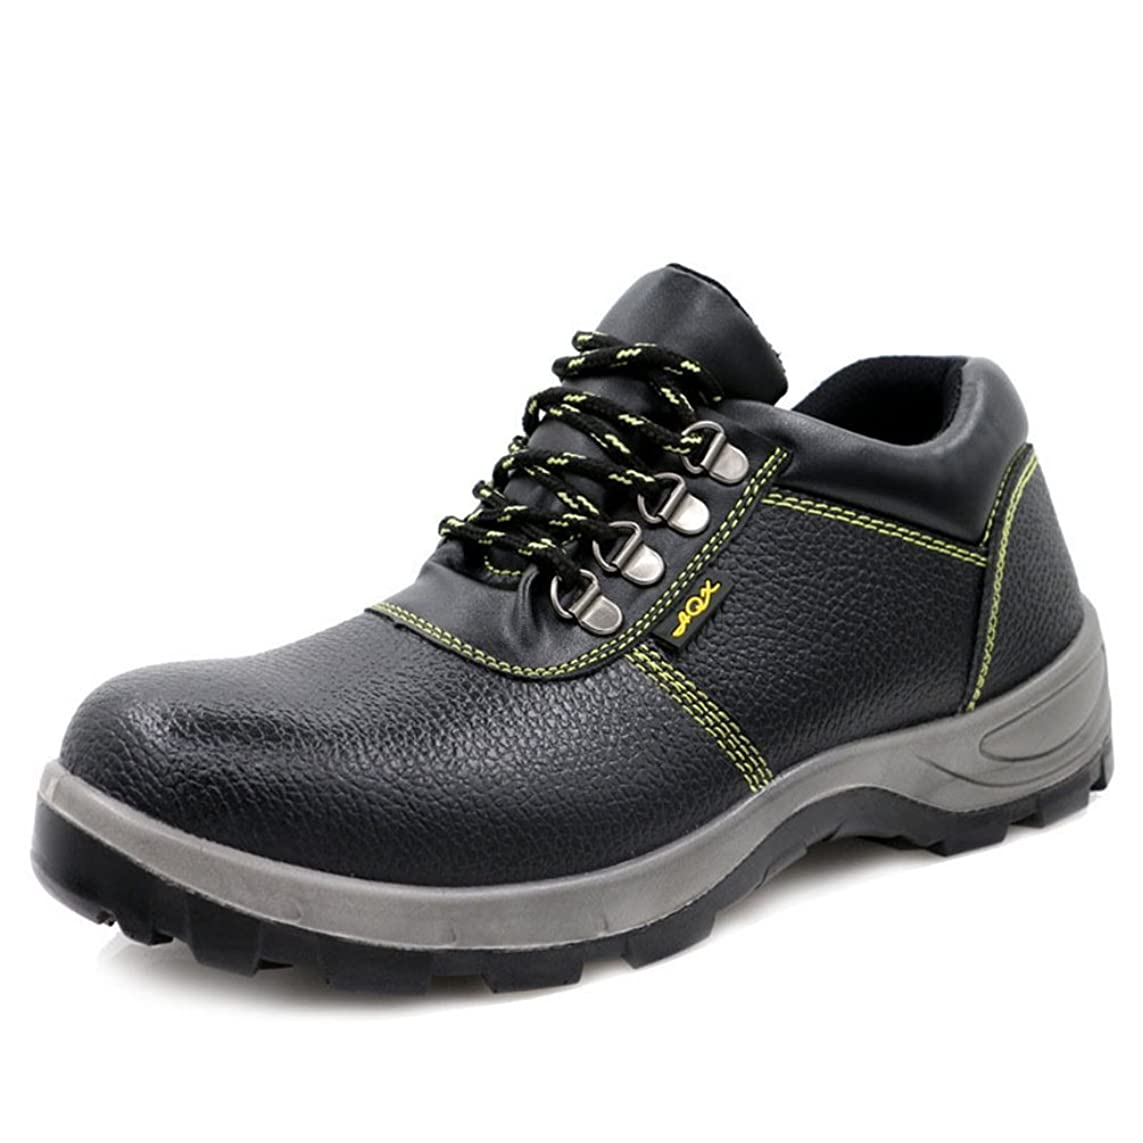 流体浅いセラフ[LuckyDays] 作業靴 ハイカット 安全スニーカー ブーツ 安全靴 スチール先芯 防水 透湿性 軽量 防滑 耐油 耐酸 通気 ゲル メッシュ メンズ レディース 紐 鋼製ミッドソール ウレタン二層底 22.5cm-28.0cm 黒